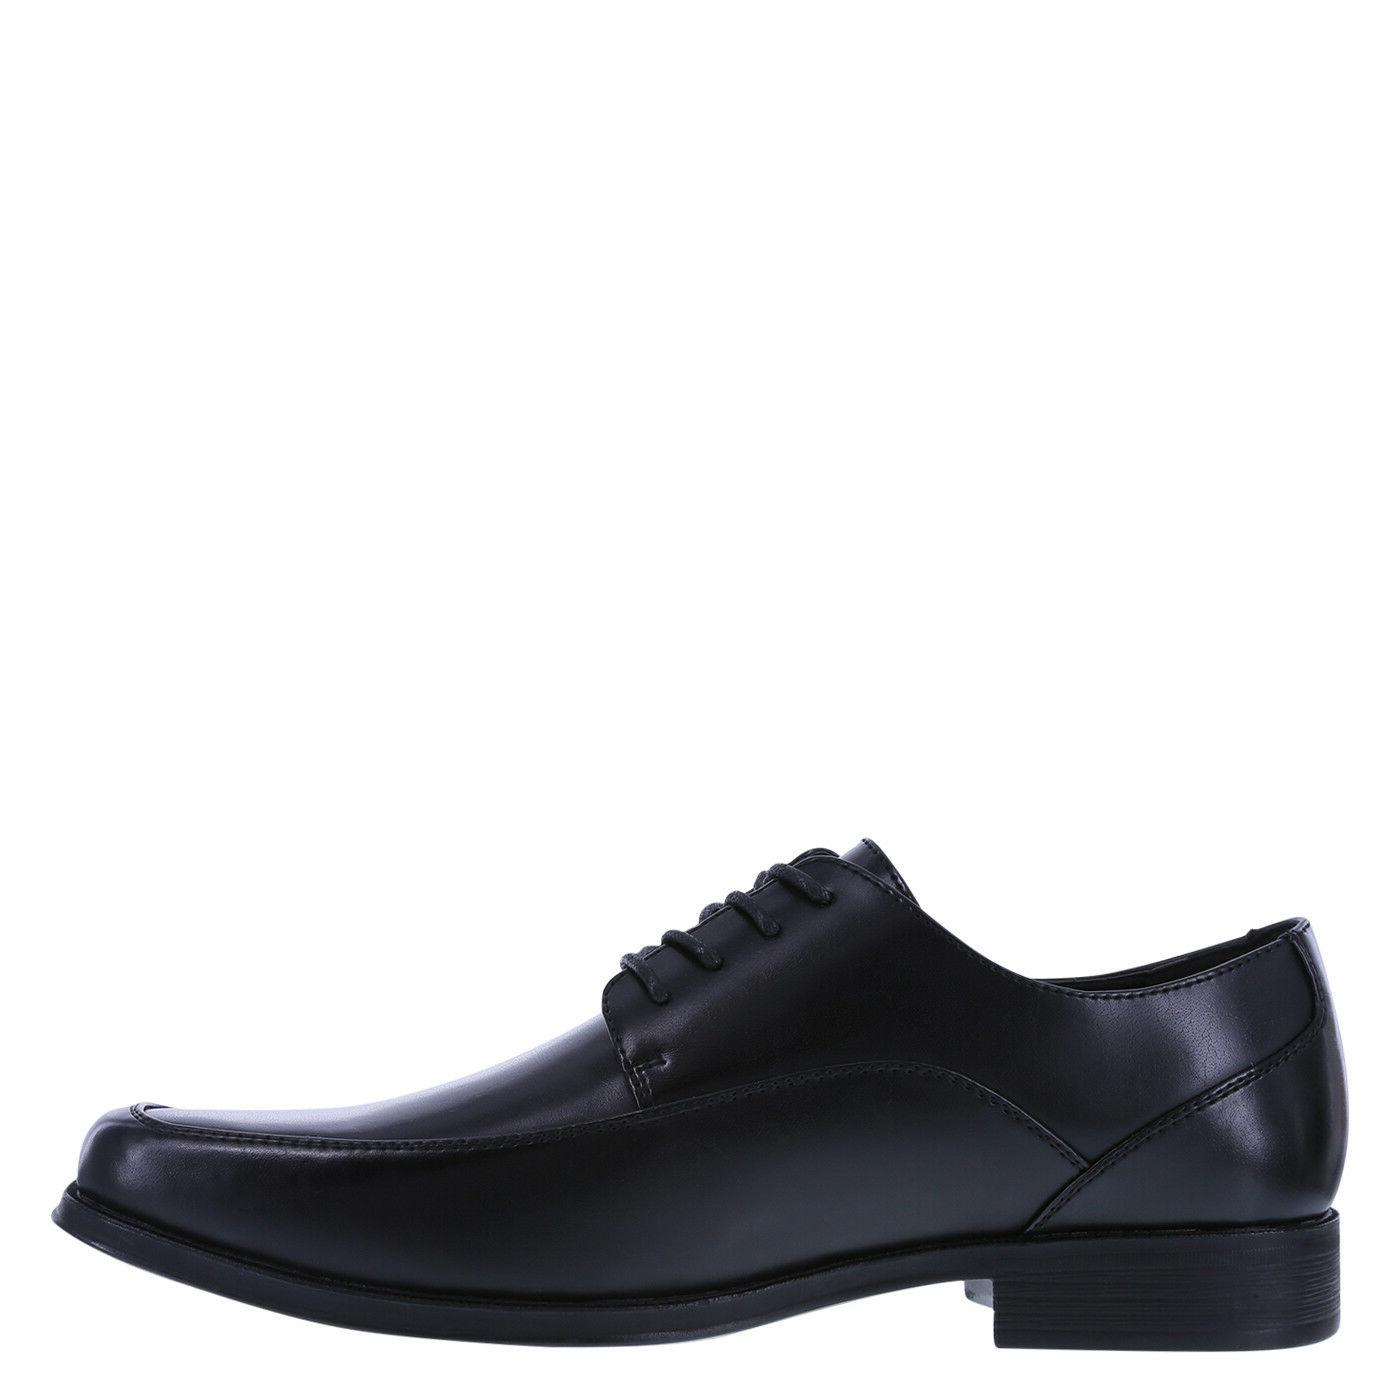 Dexter Men's Oxford Shoes